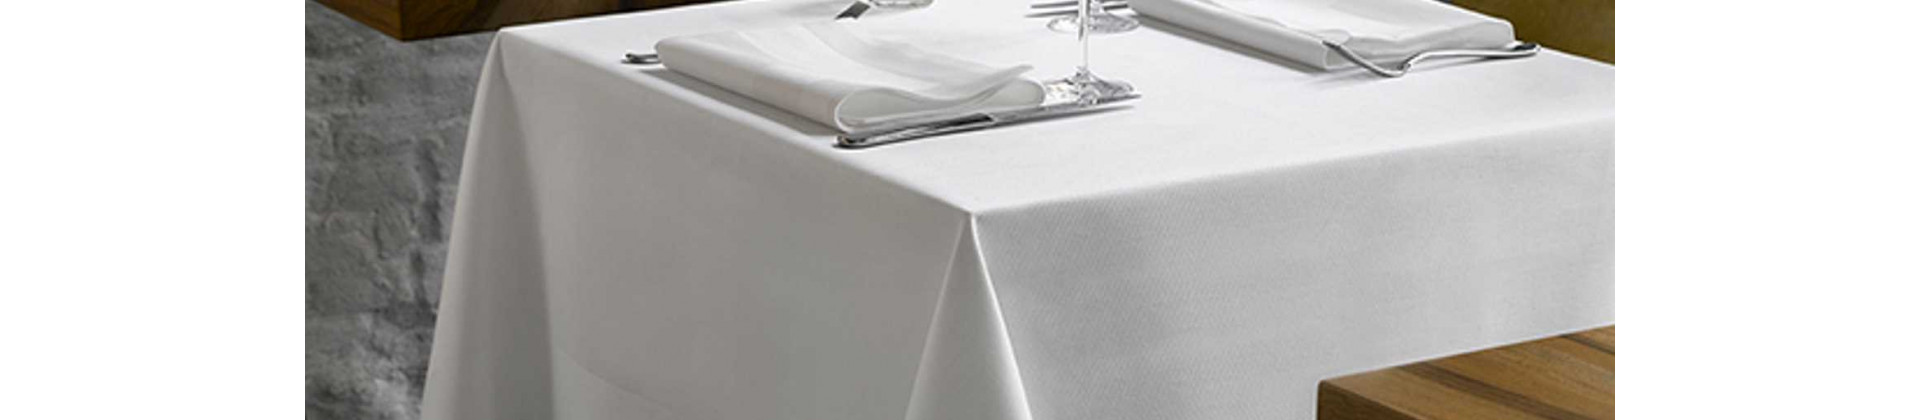 Nappages pour restaurants, hôtels et collectivités